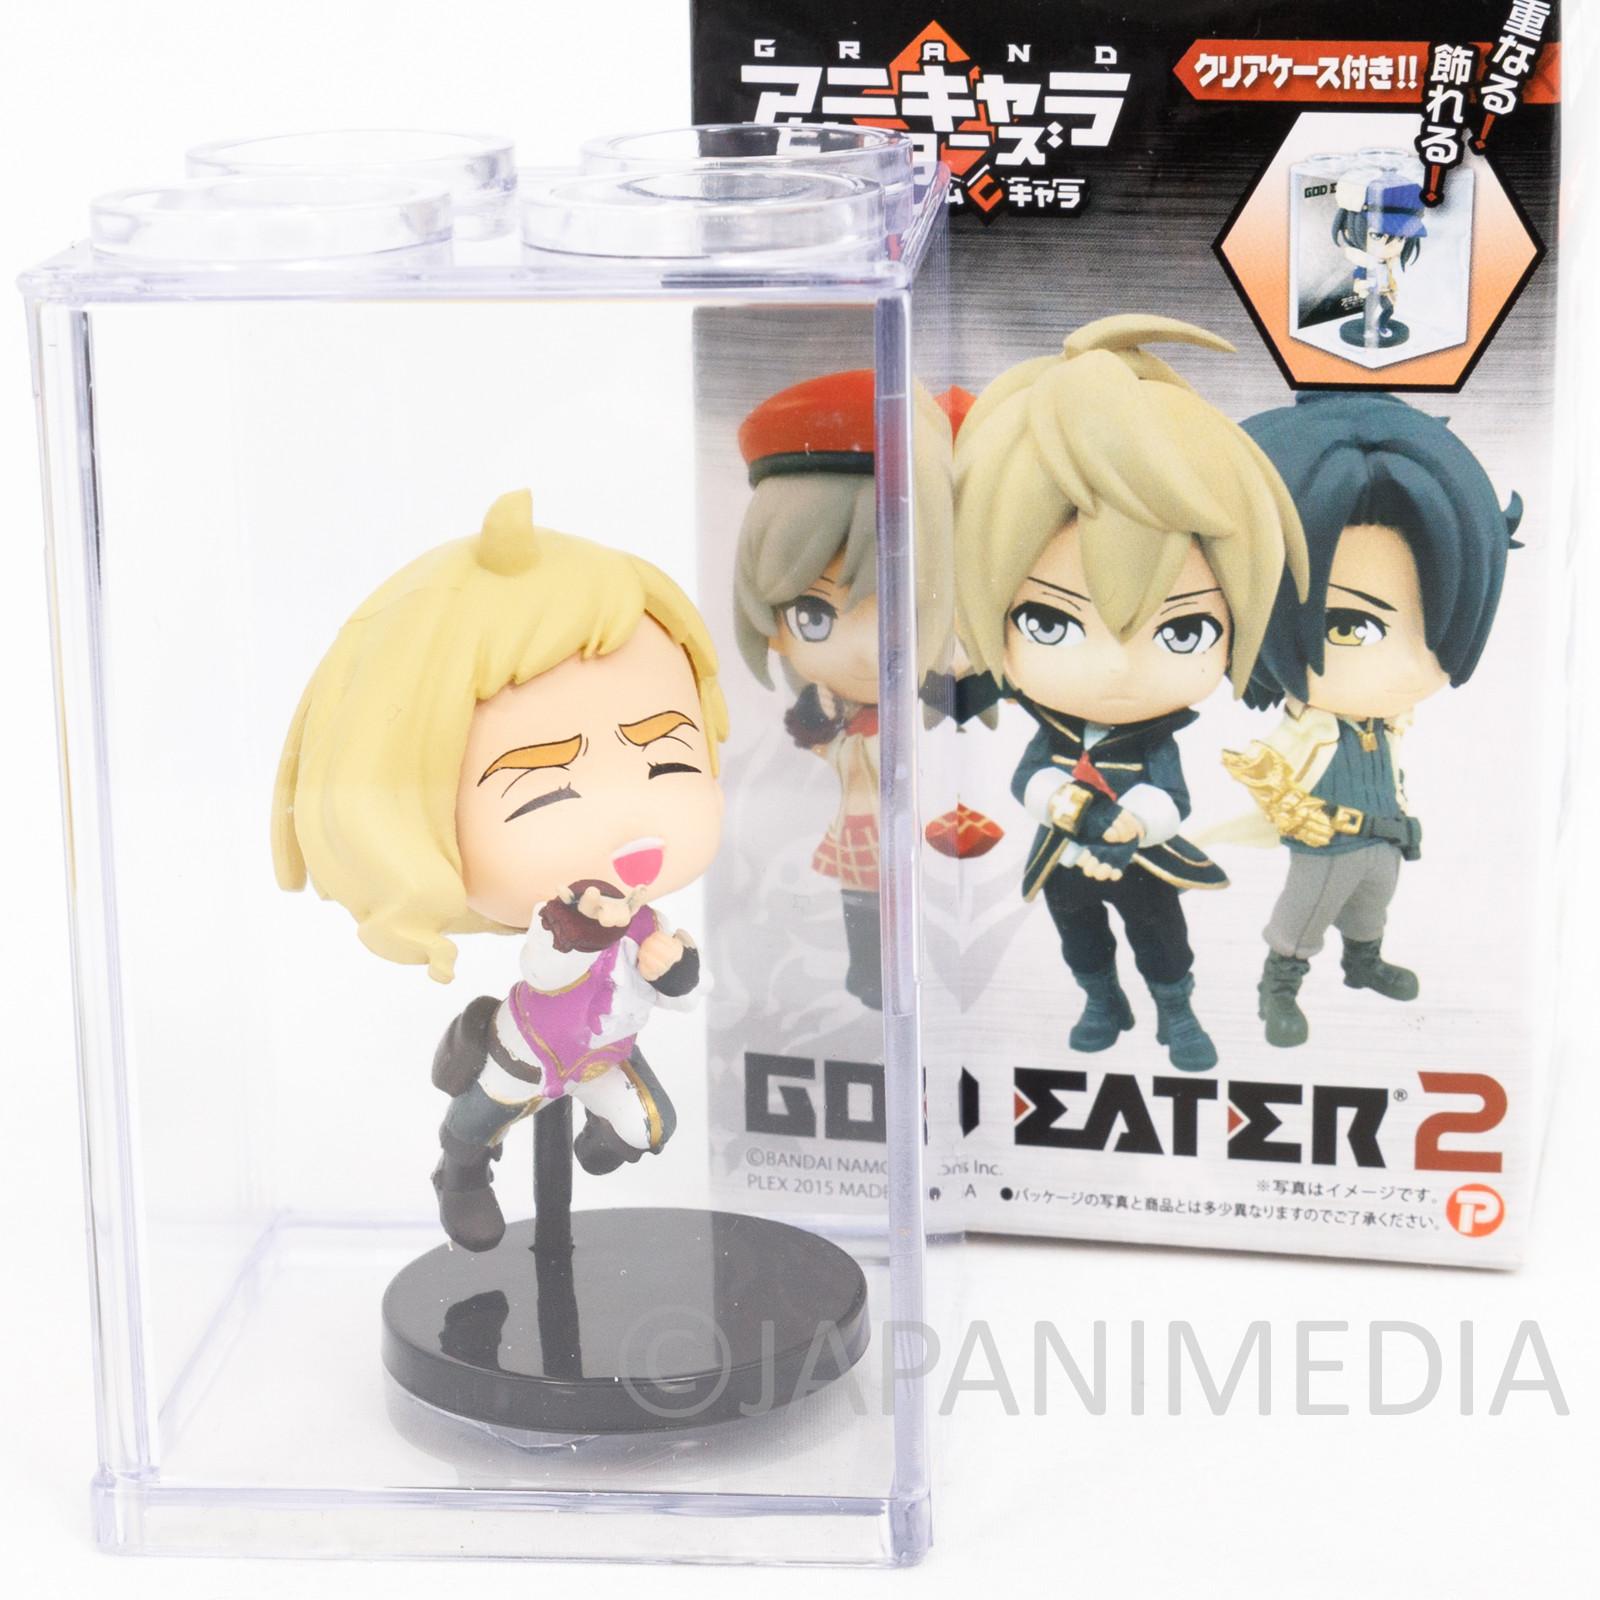 God Eater 2 Rage Burst Emil von Strasbourg Figure in Clear Case JAPAN GAME PSP